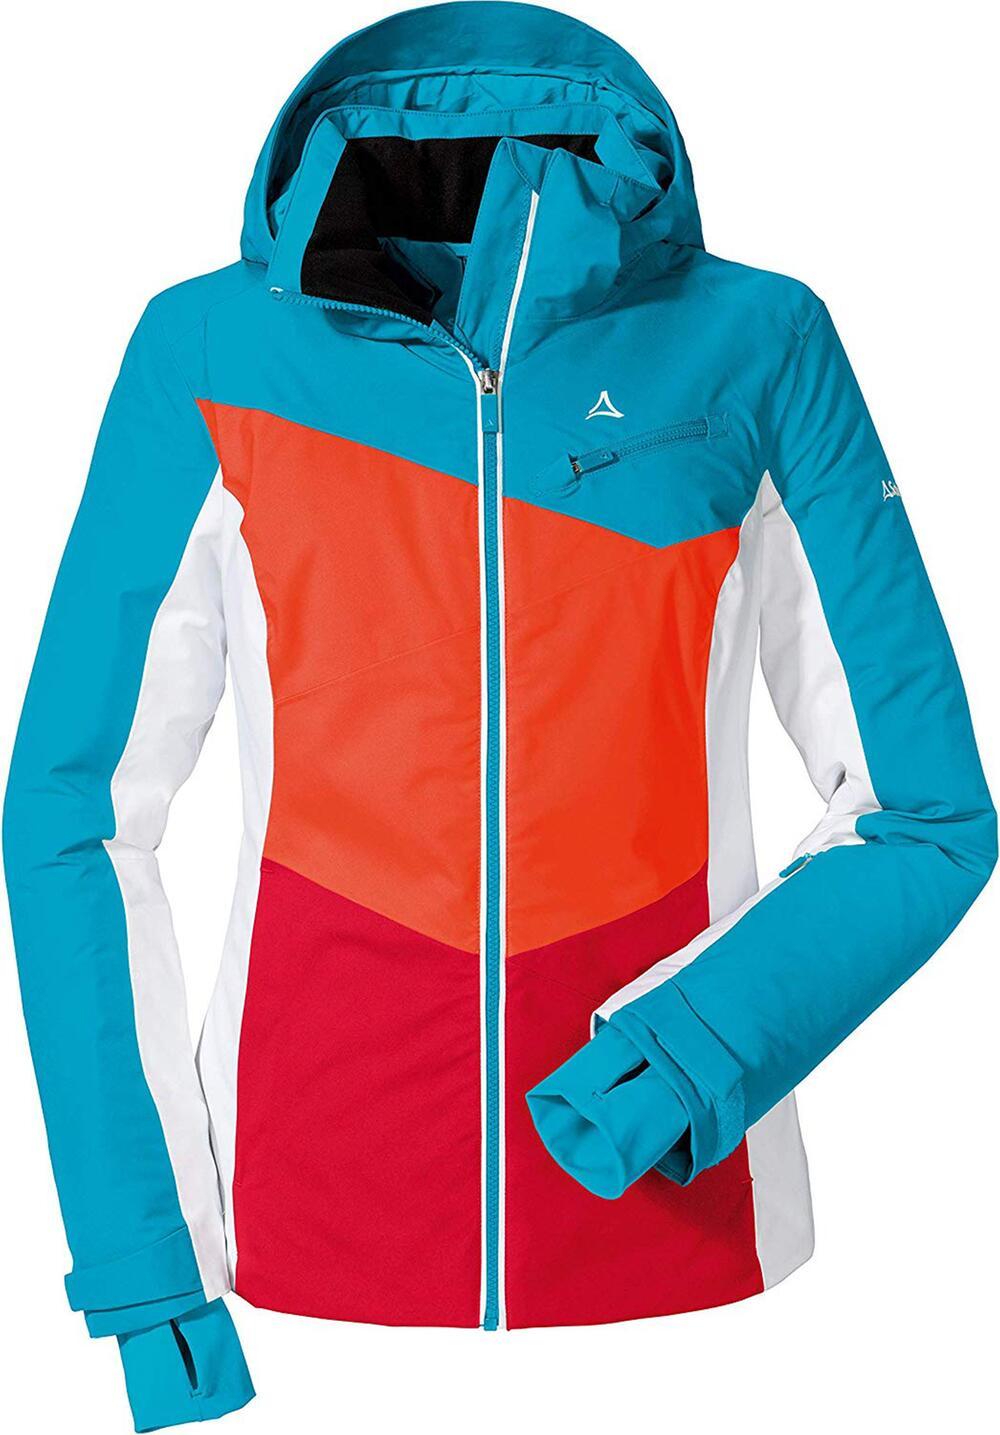 Skianzug, Schneeanzug, Skistyles, Wintersport, Skihose, Skijacke, damen, frauen, skibekleidung